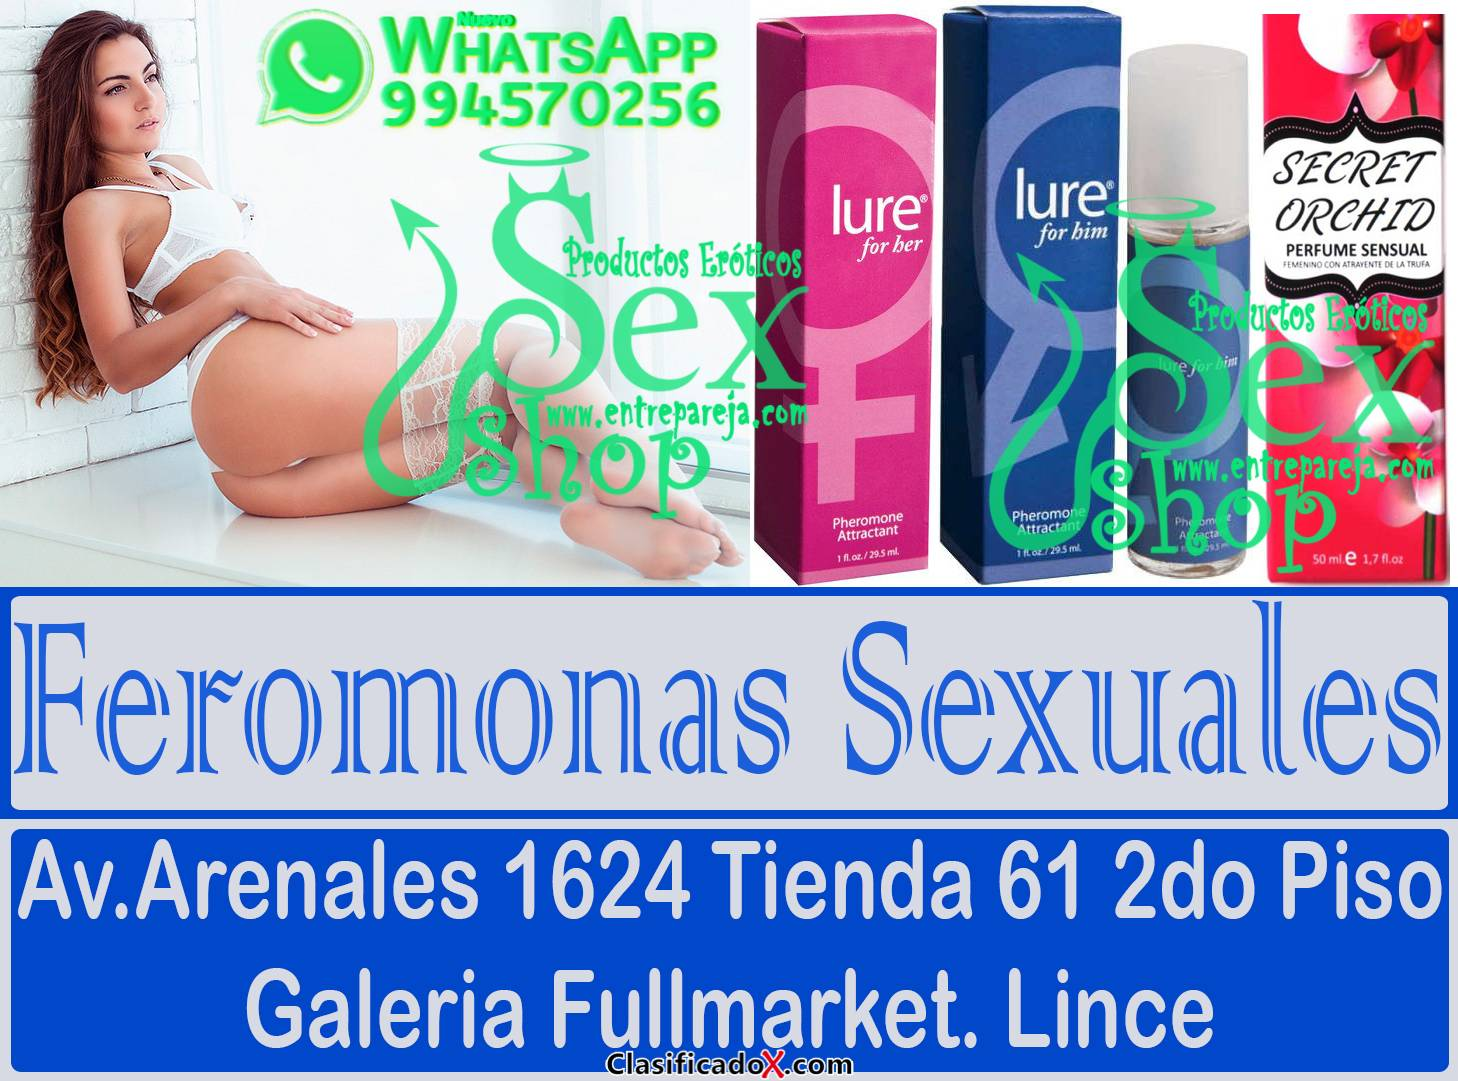 MIRAFLORES JUGUETES SEXSHOP VIDA SEXUAL TIENDAS TODO PERU 994570256